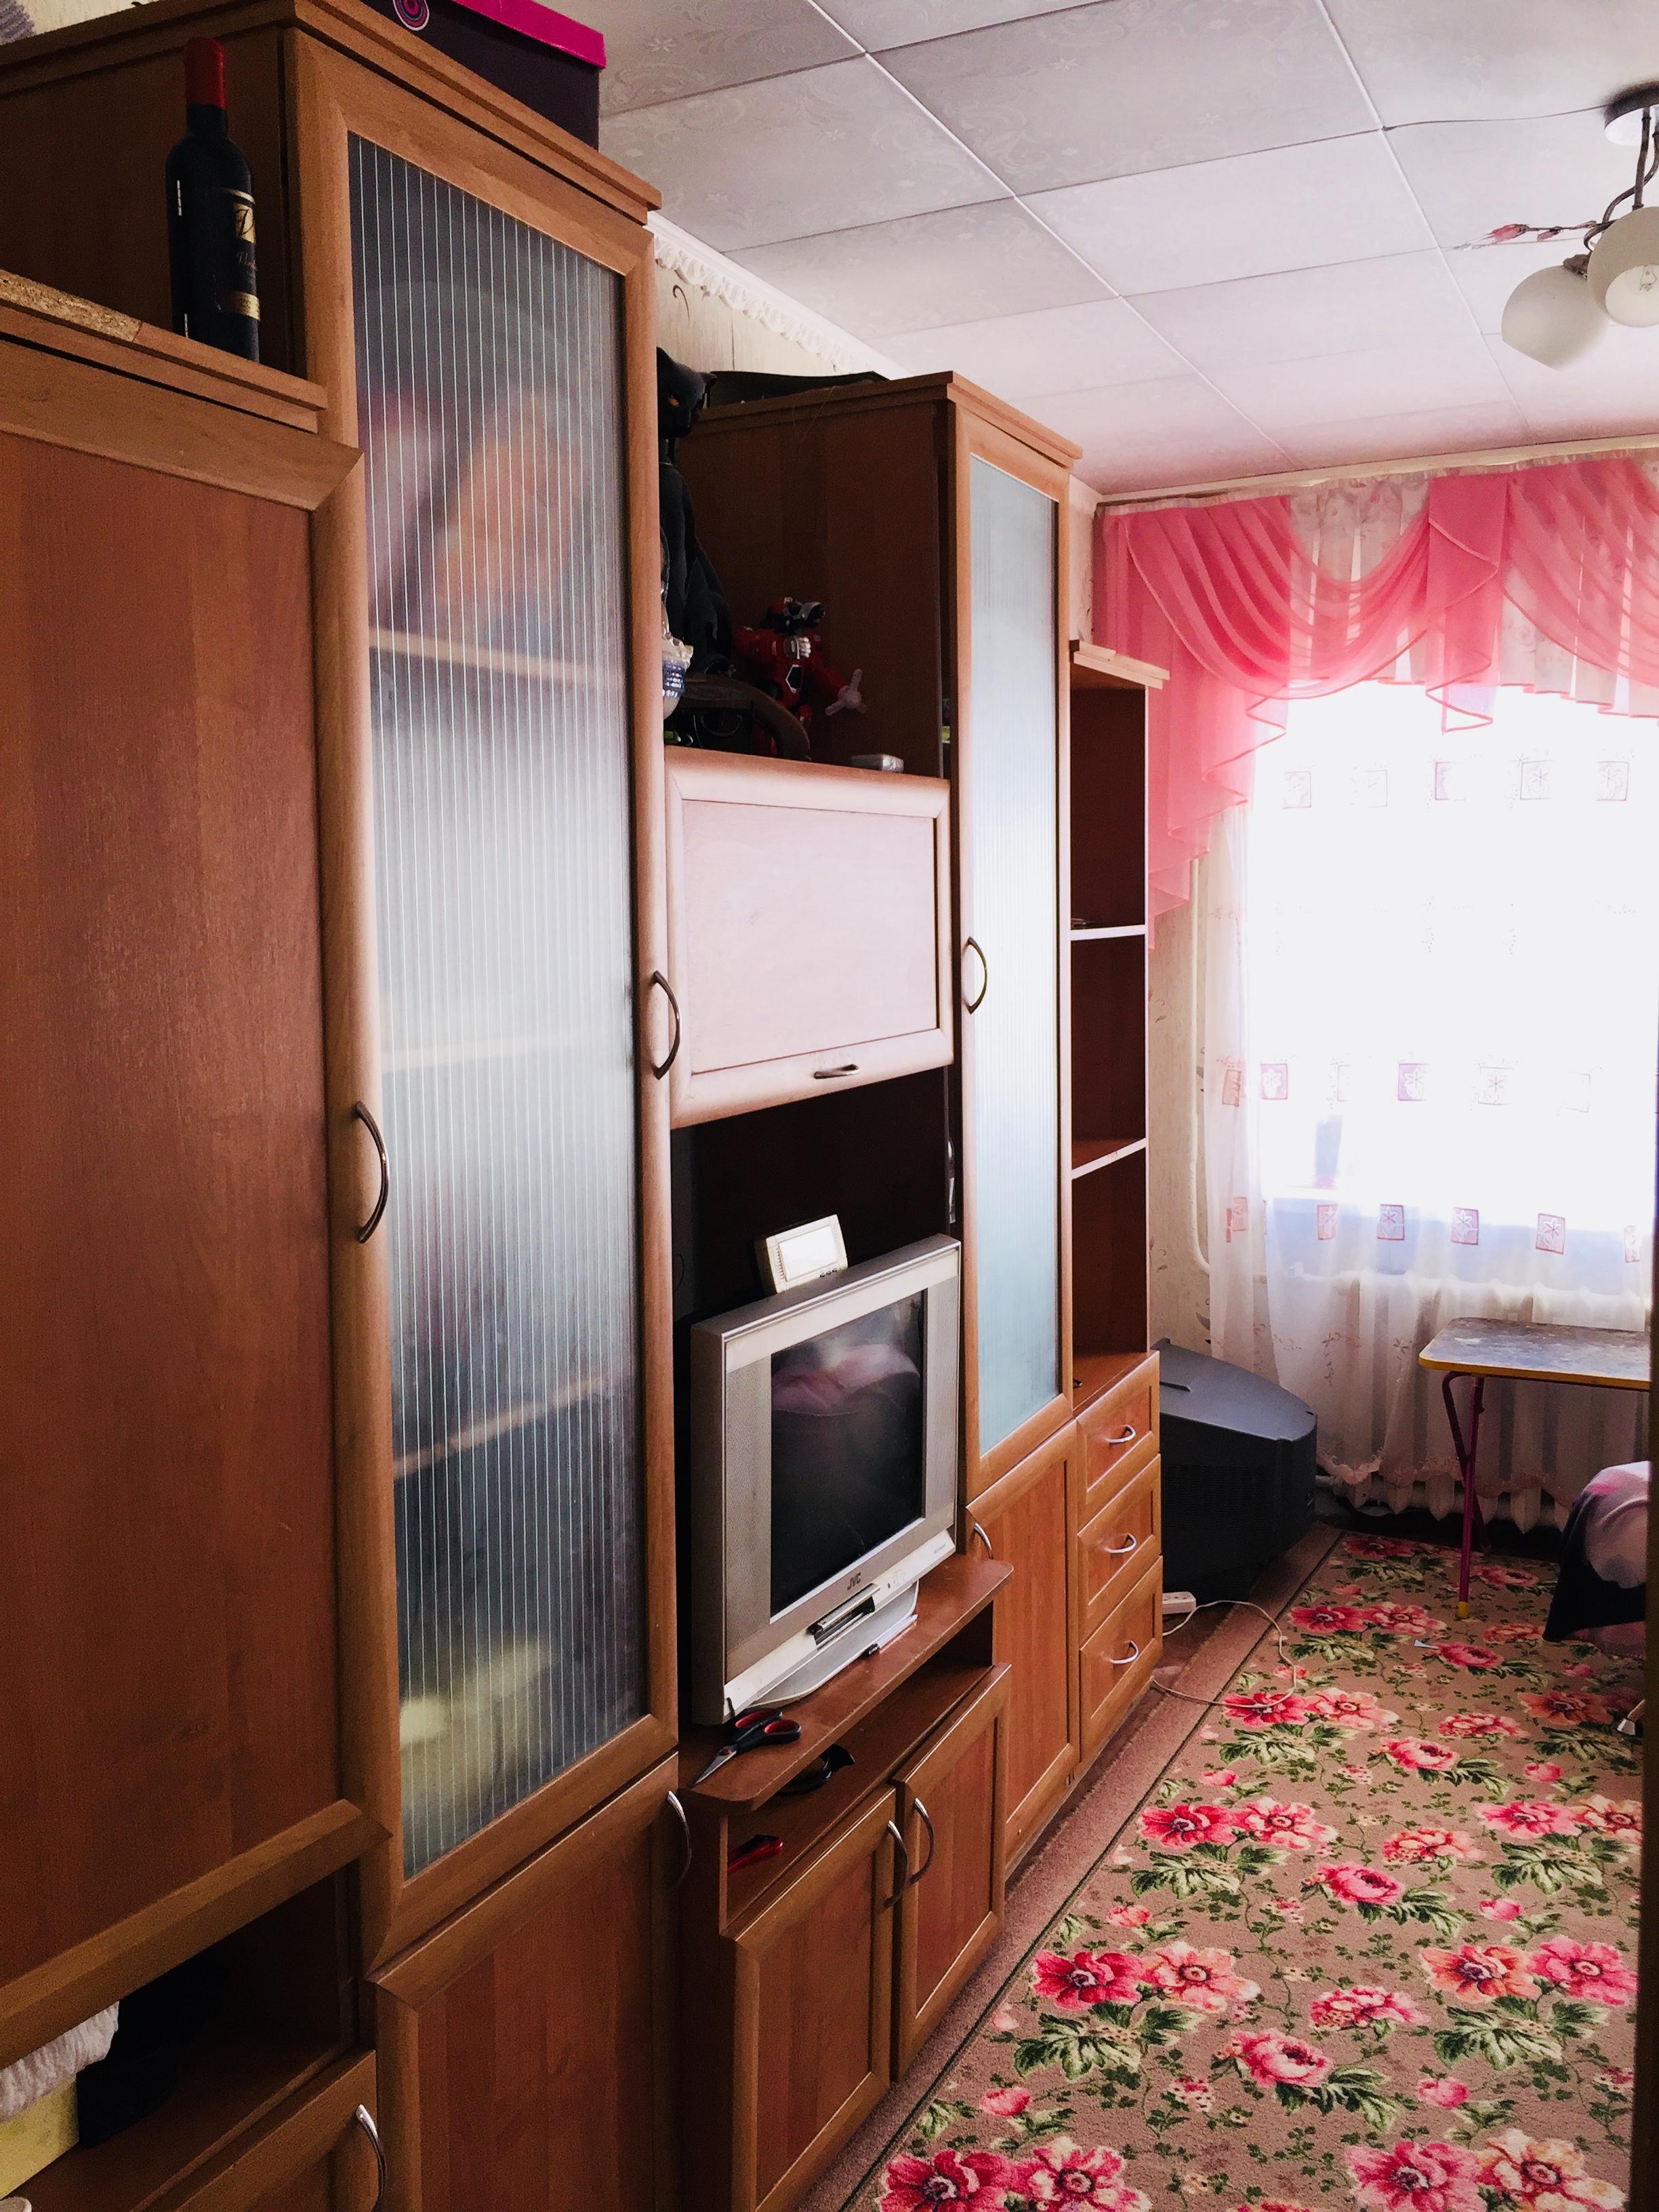 Ярославская область, Рыбинский район, Рыбинск, ул. Герцена, 93